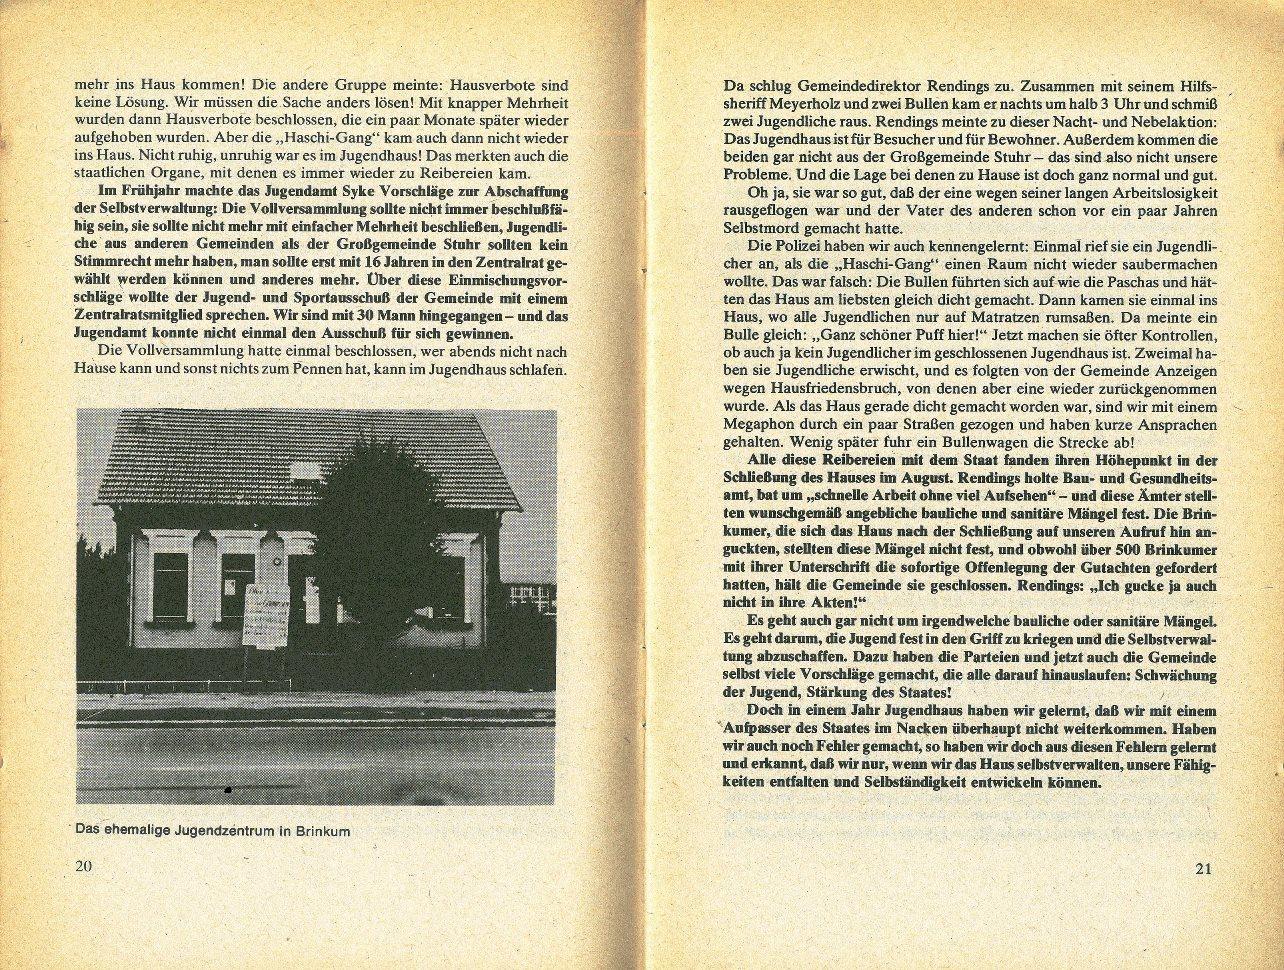 Bremen_Jugendtribunal011